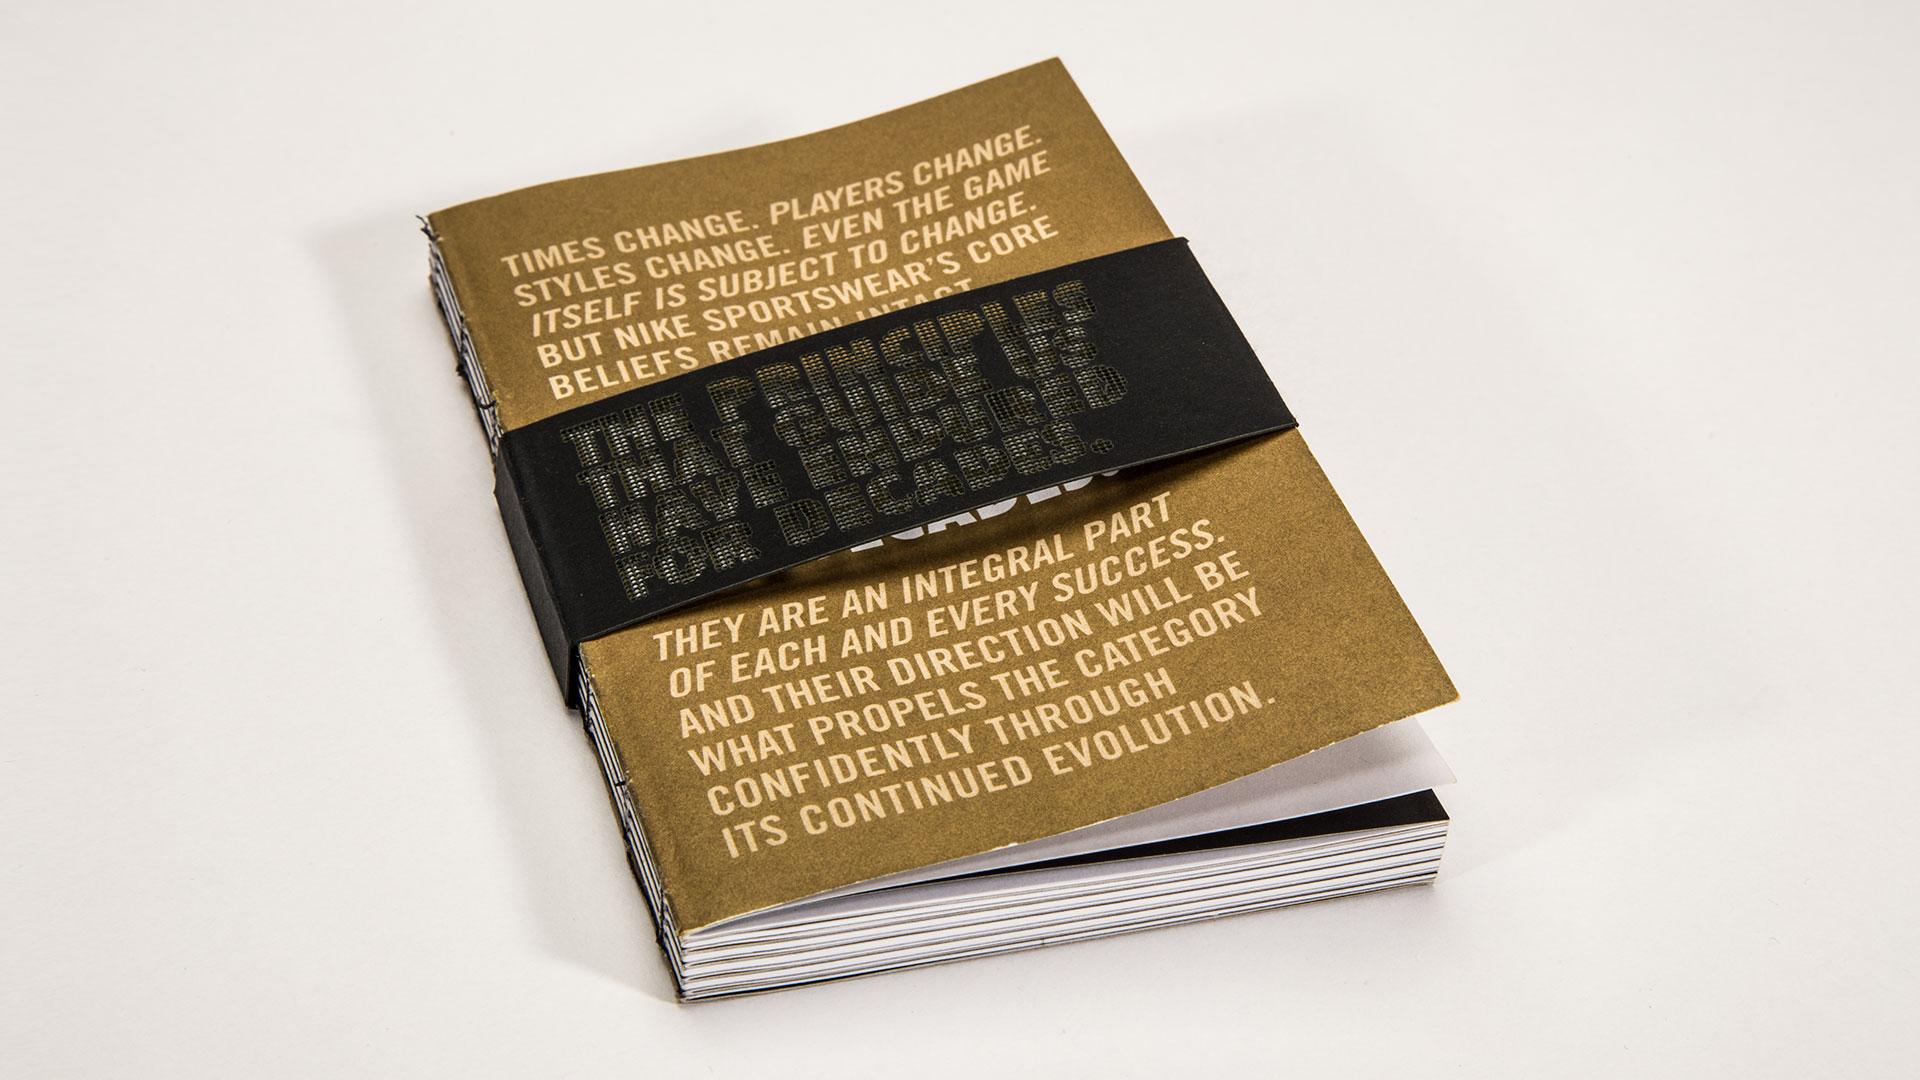 NIKE 5 Principles Handbook - PaperSpecs